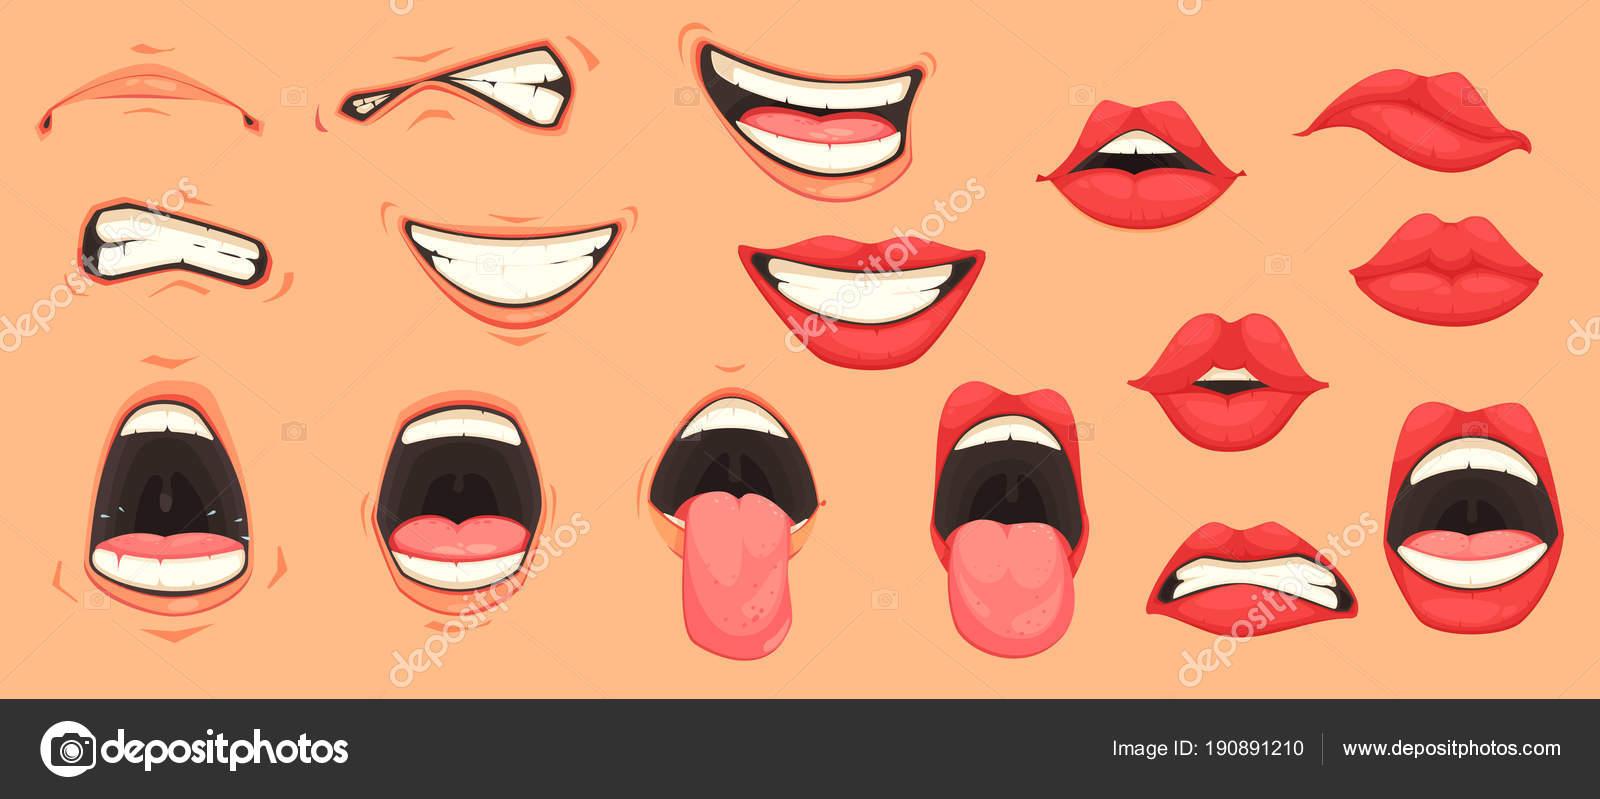 Dessin animé mignon bouche des expressions faciales gestes sertie de lèvres moue souriante qui sort illustration vectorielle langue isolée vecteur par